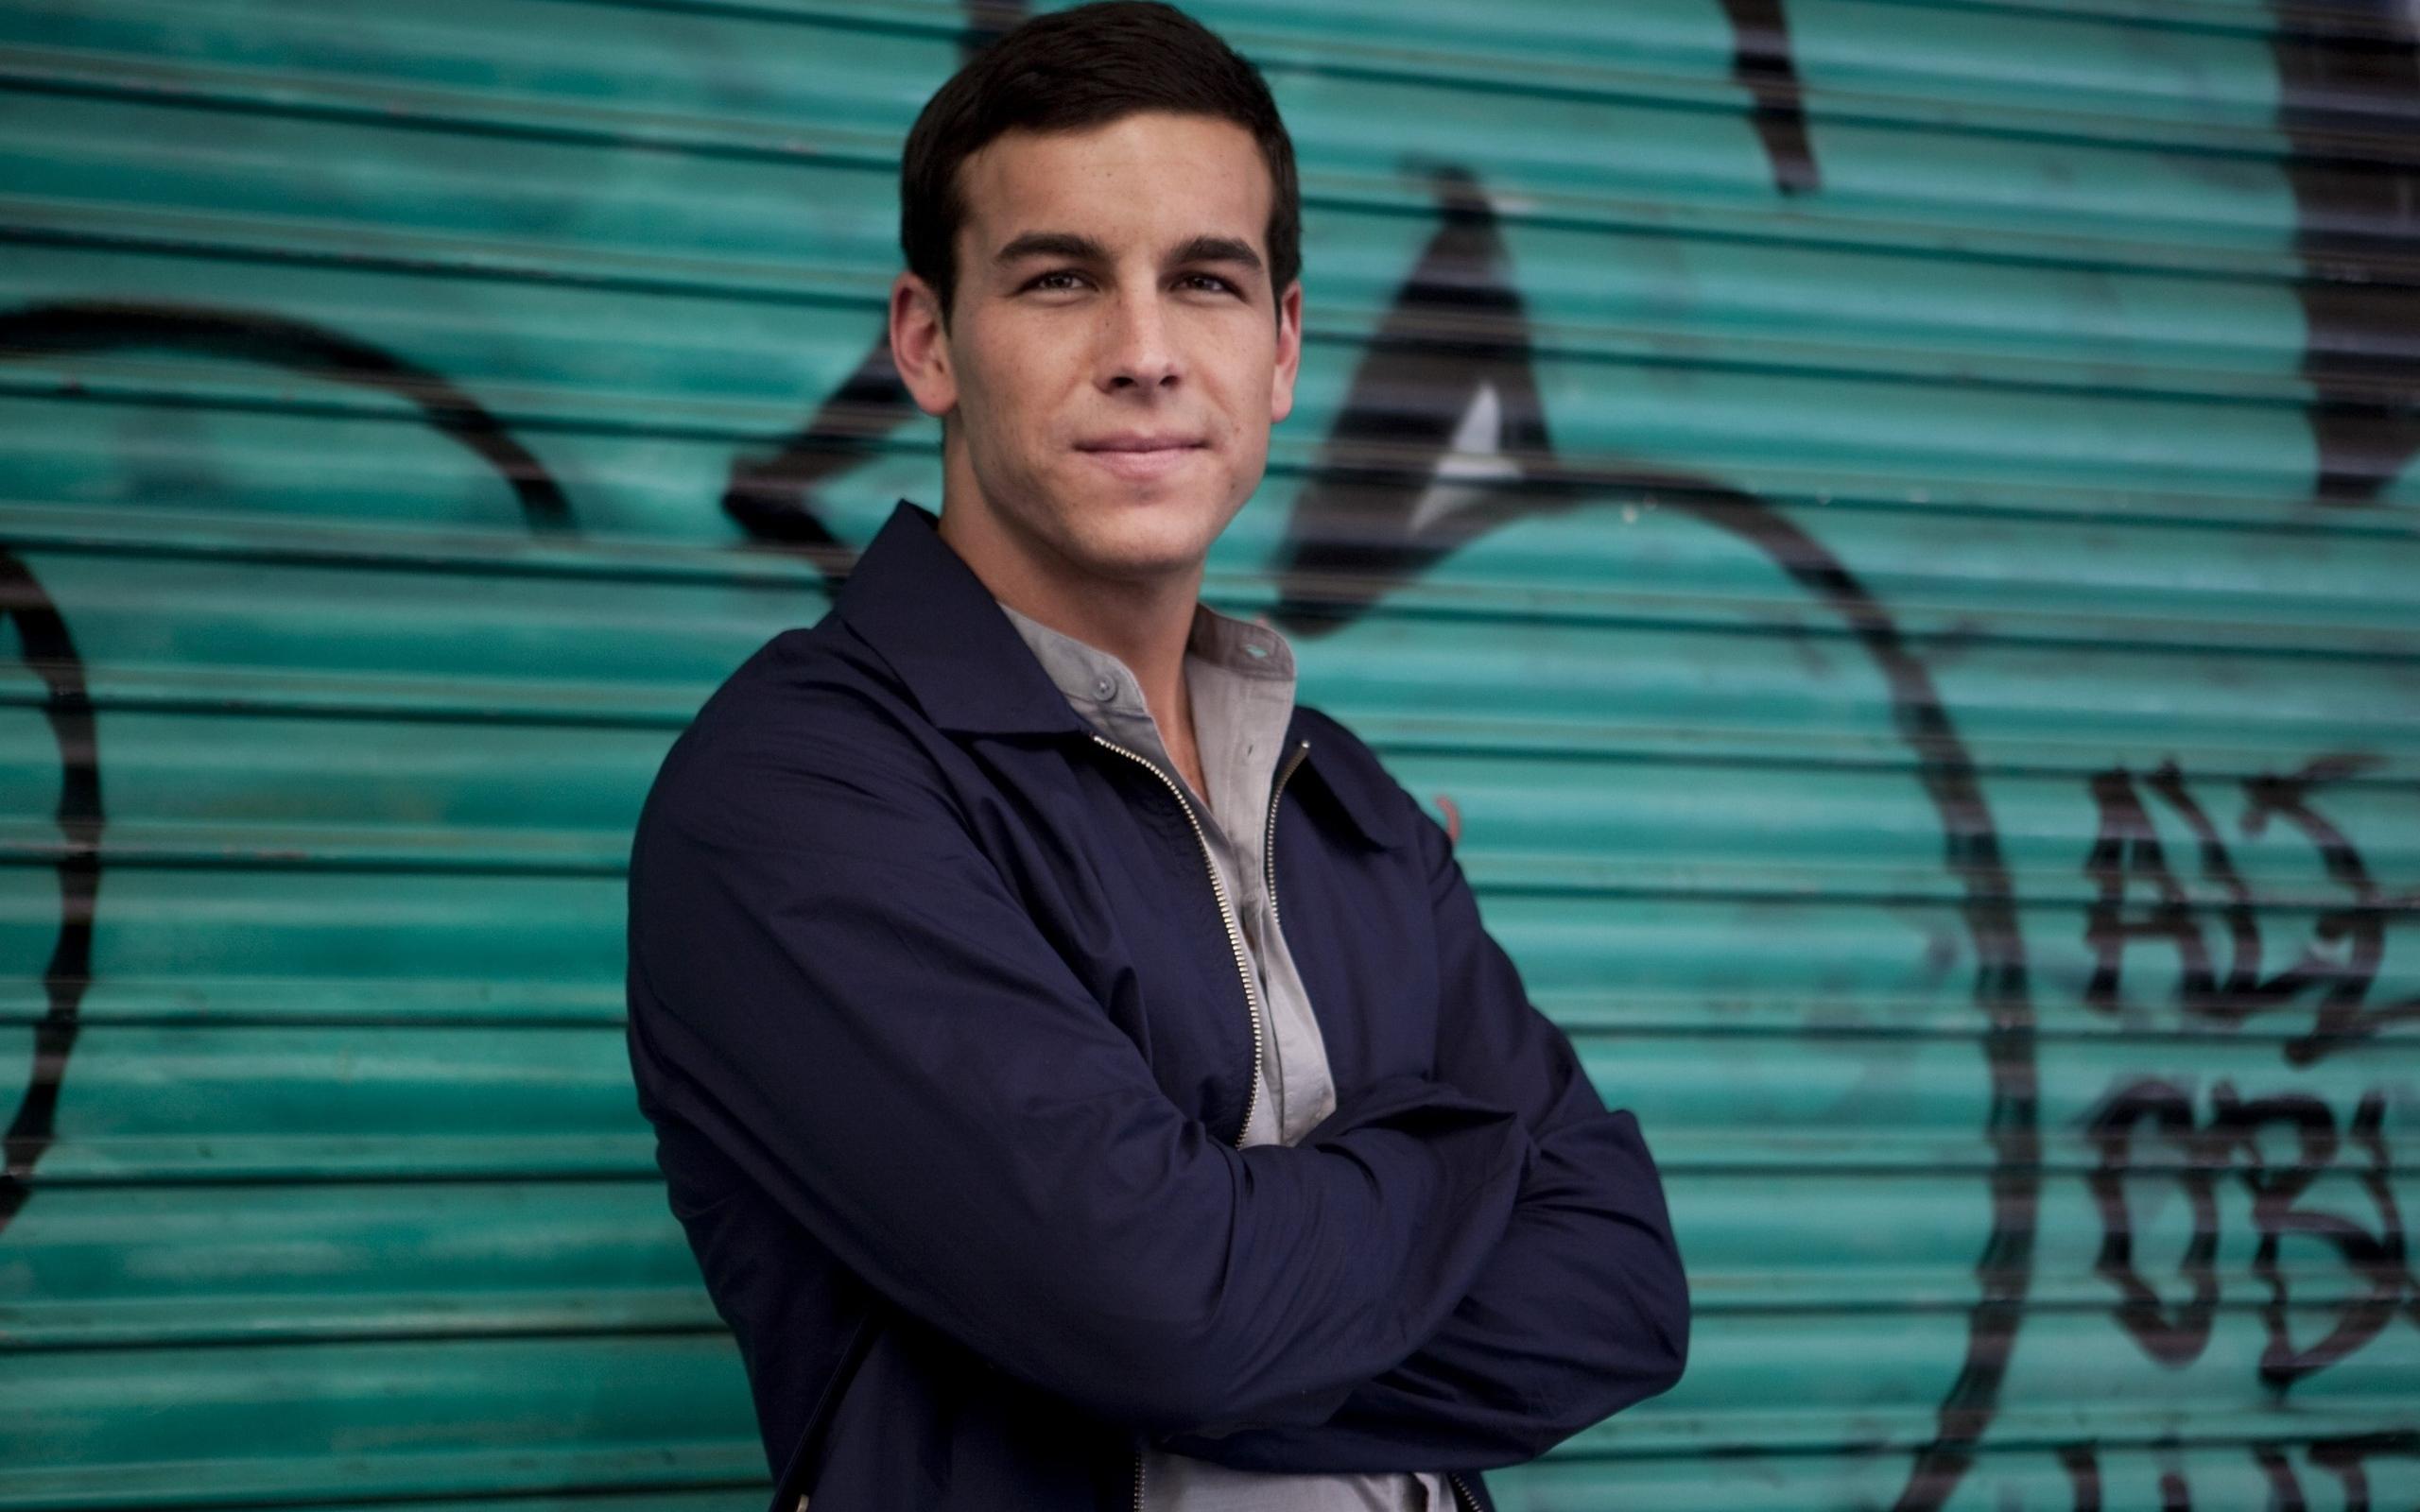 Men___Male_Celebrity_Actor_Mario_Casas_056923_19